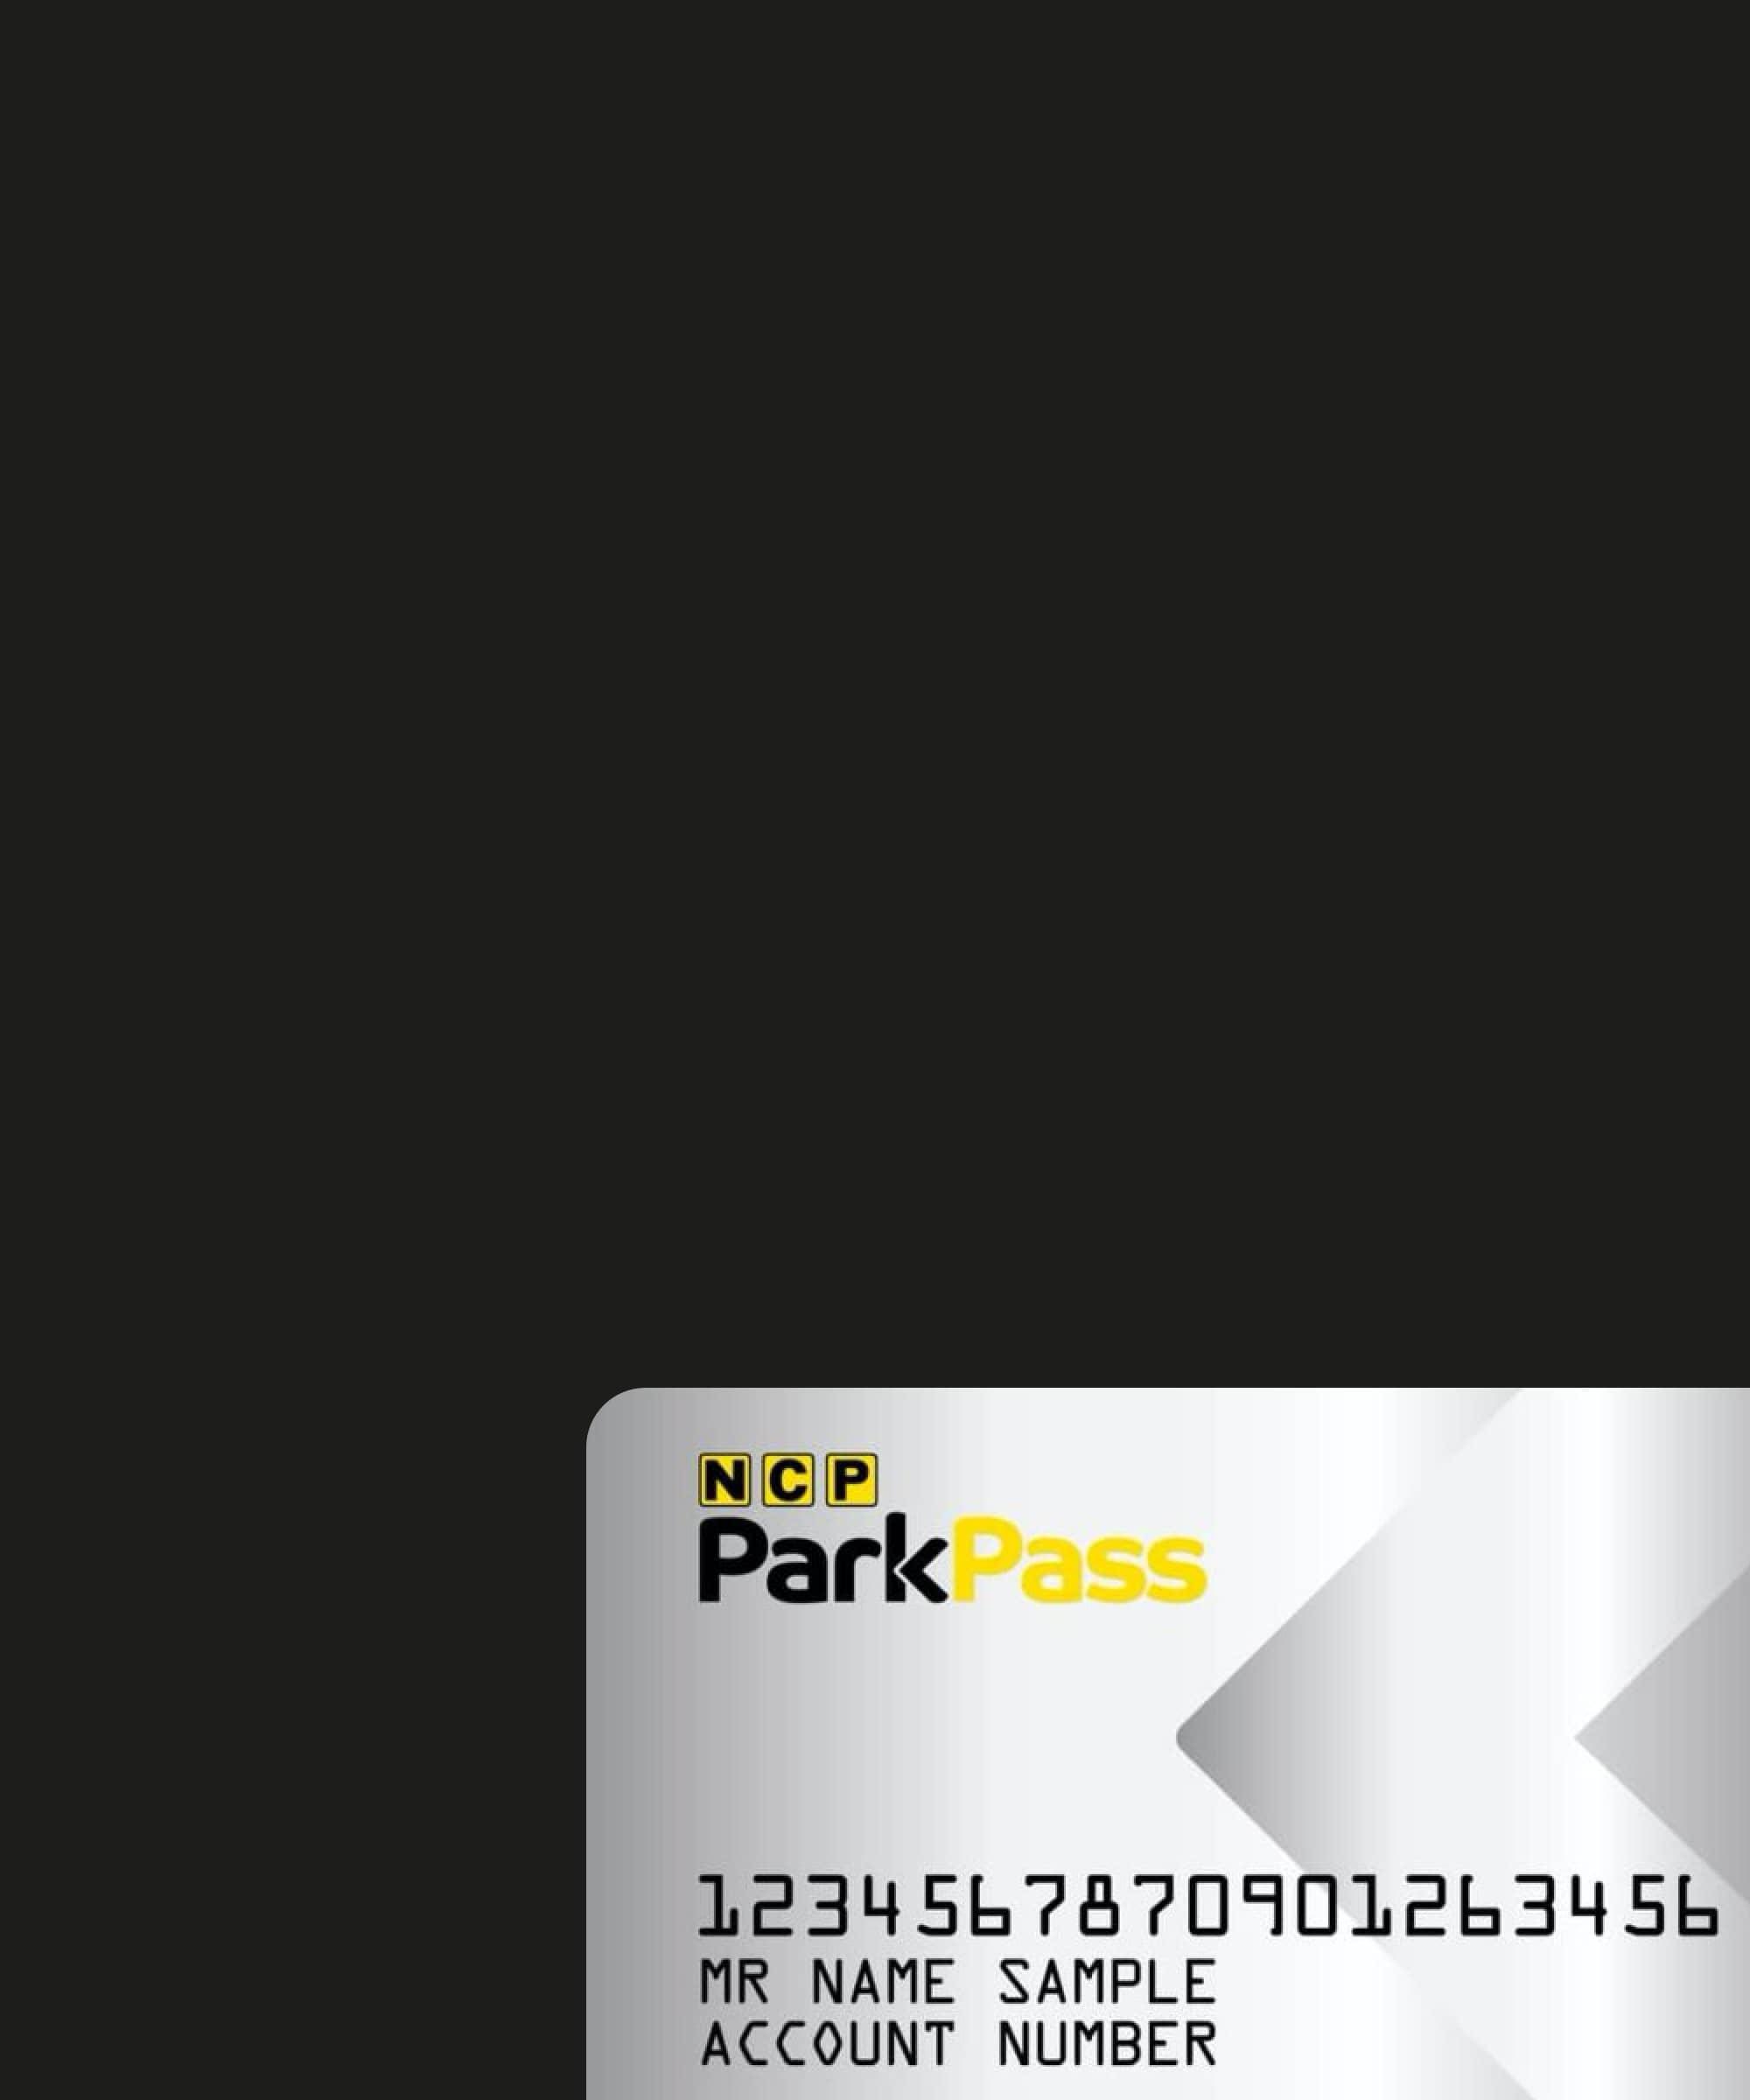 ParkPass